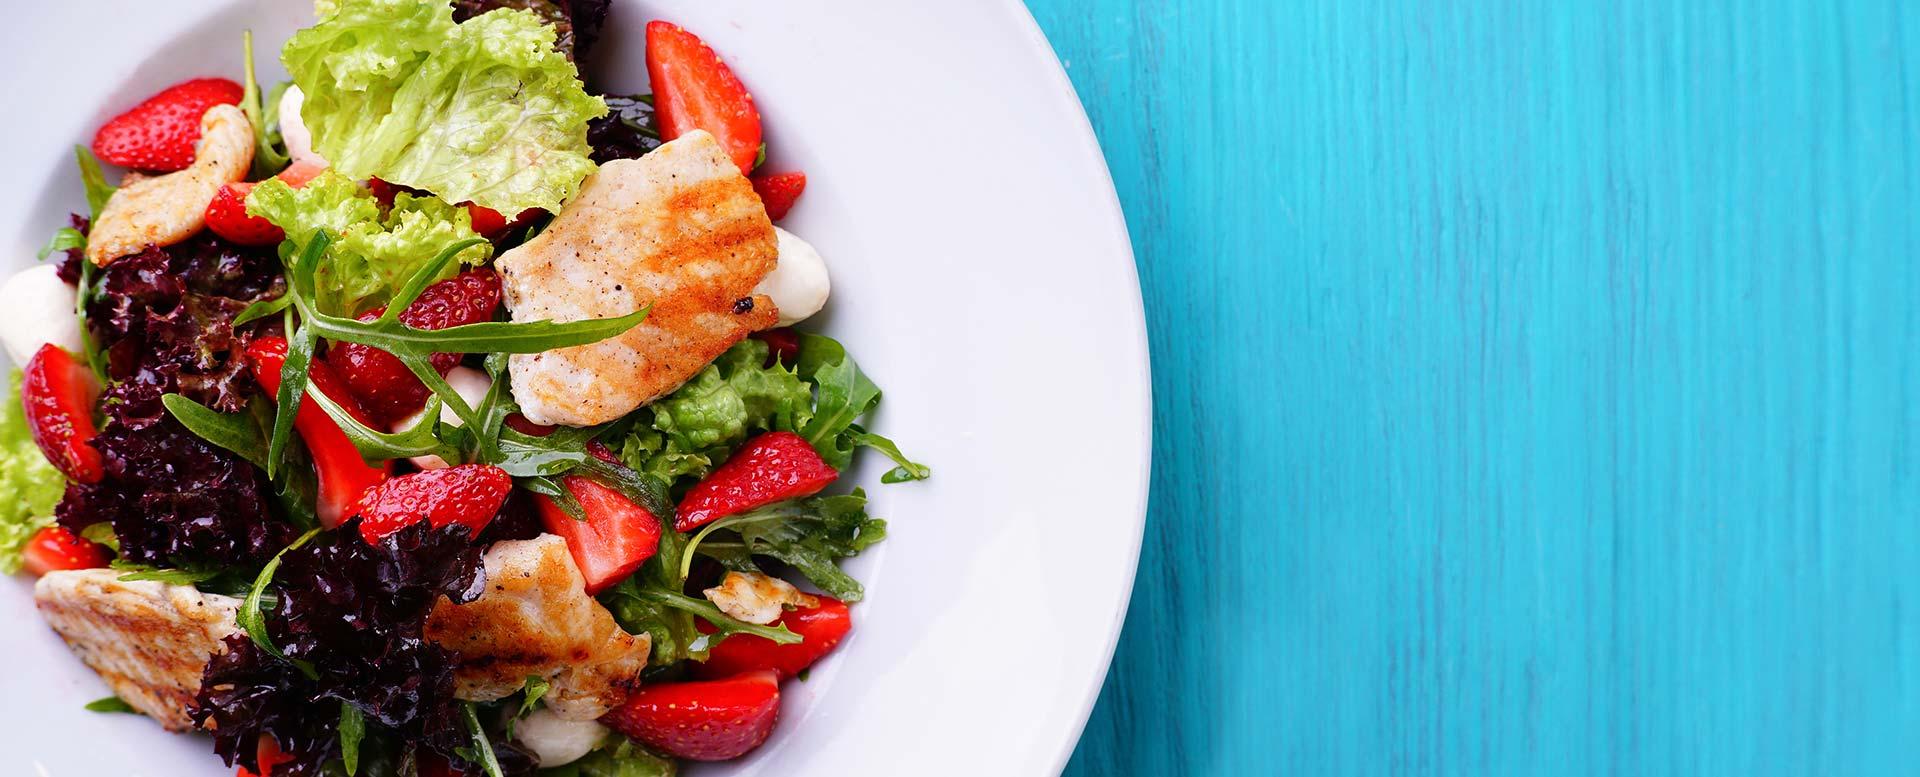 Sommersalat mit gebratener Hähnchenbrust, Chicorée und Erdbeeren